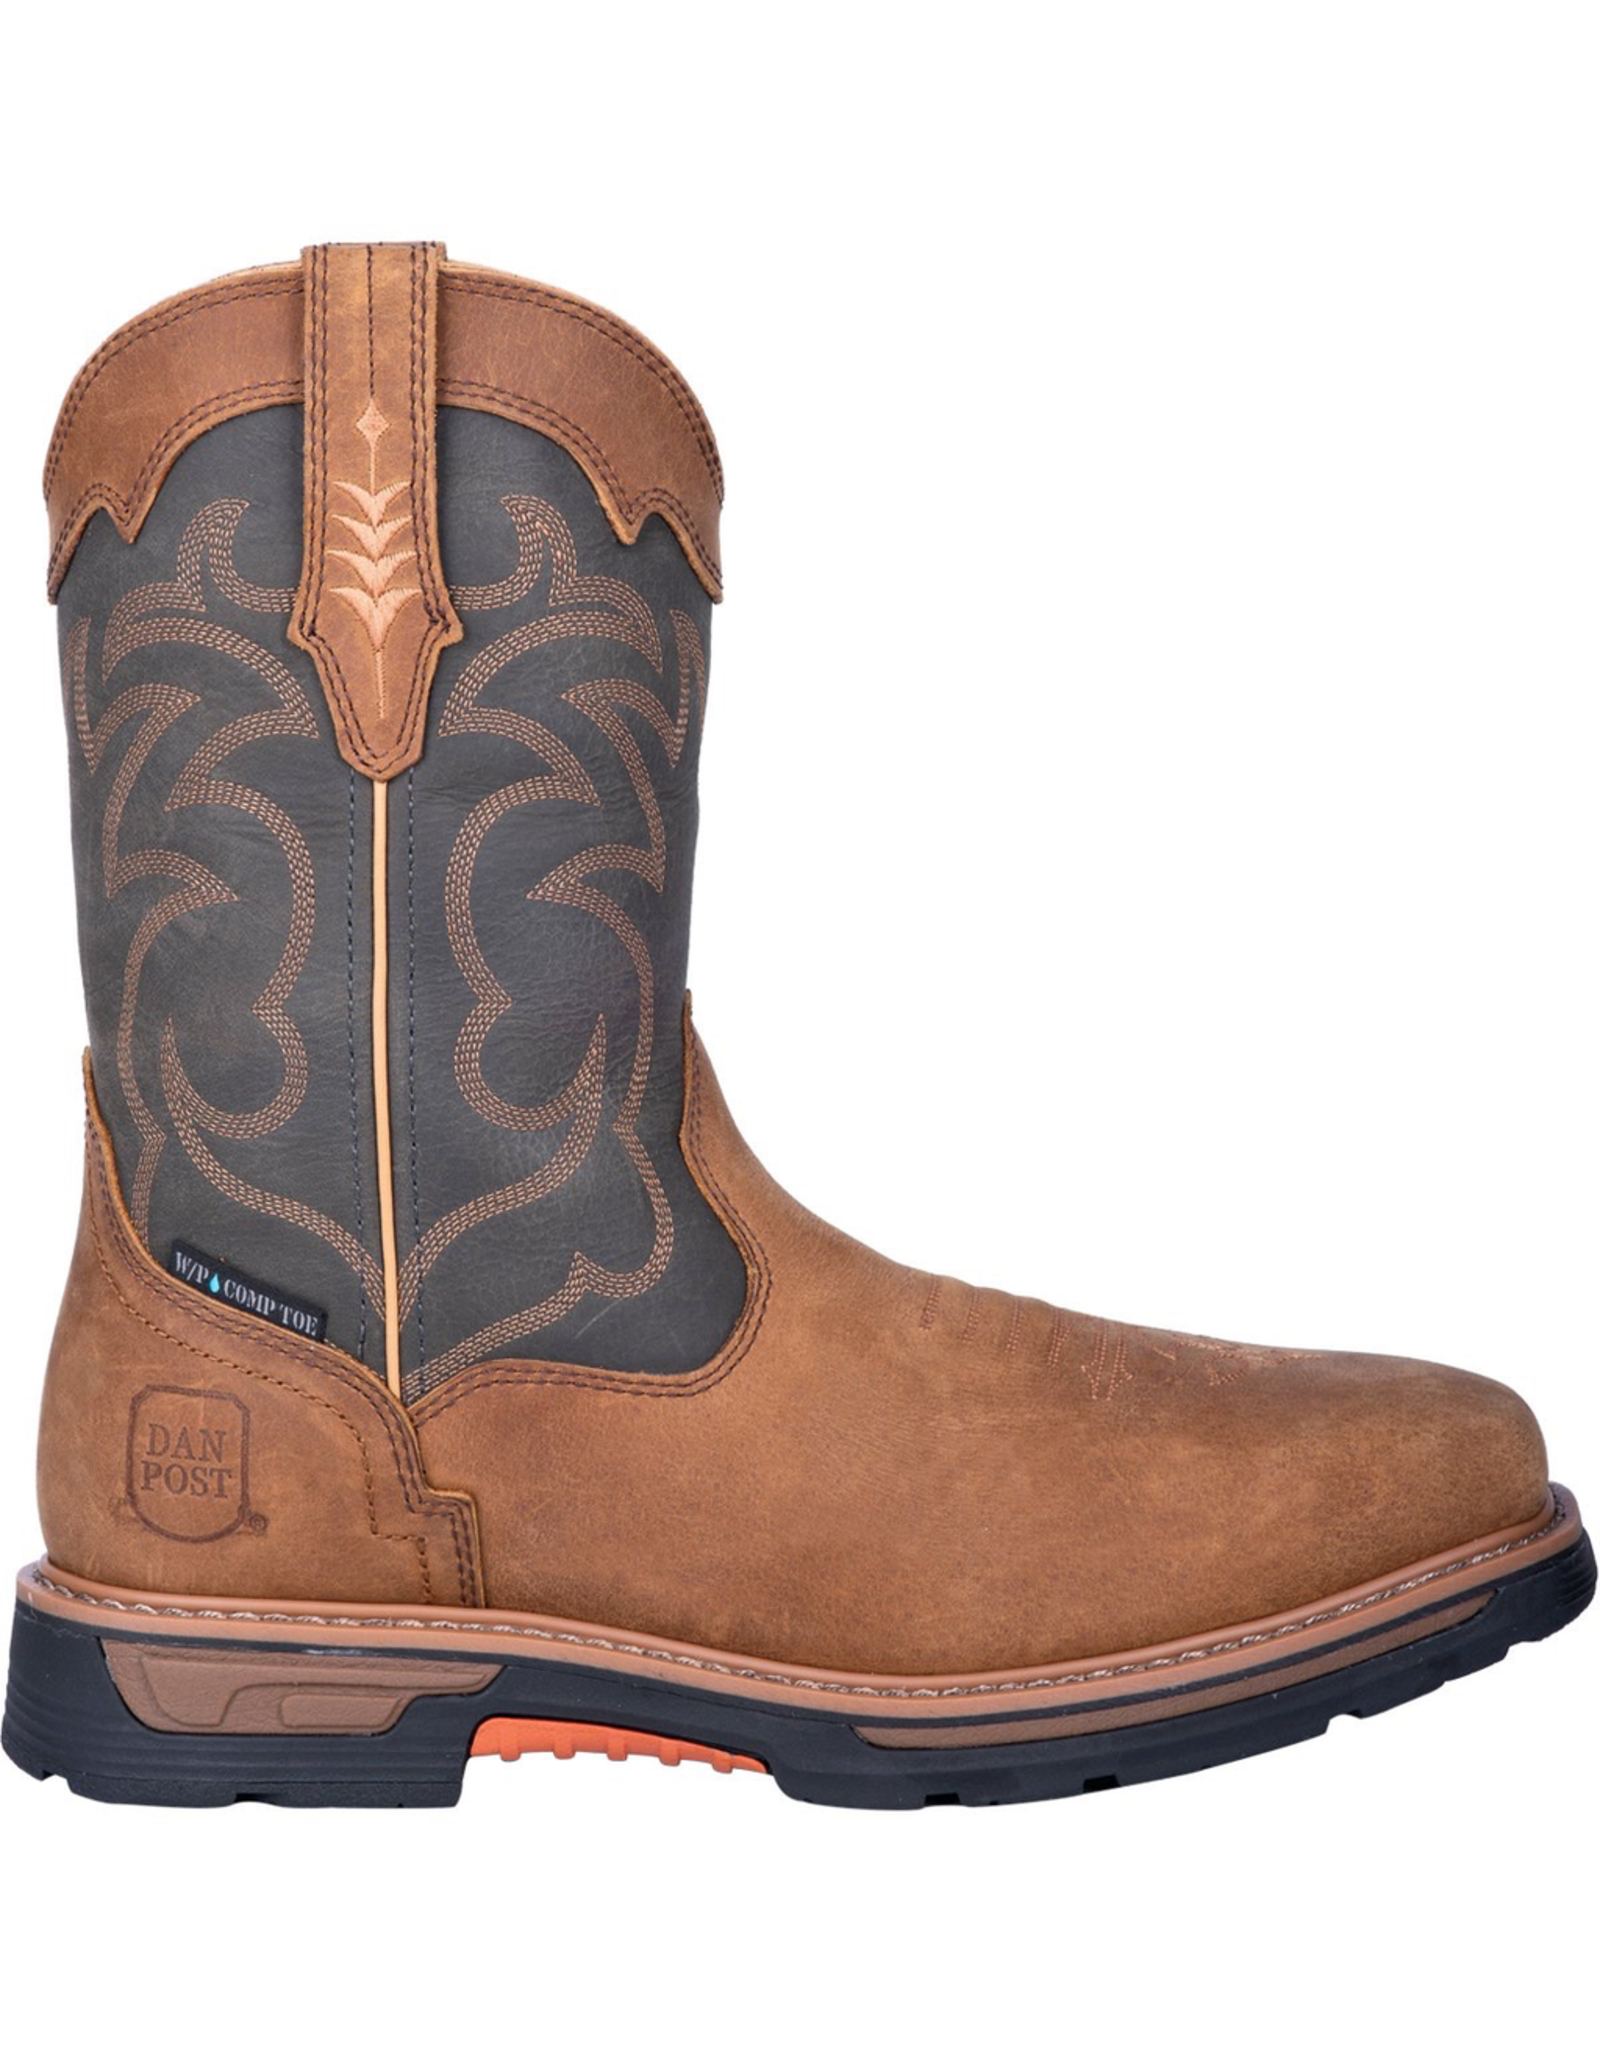 Boots-Men DAN POST Storm Tide